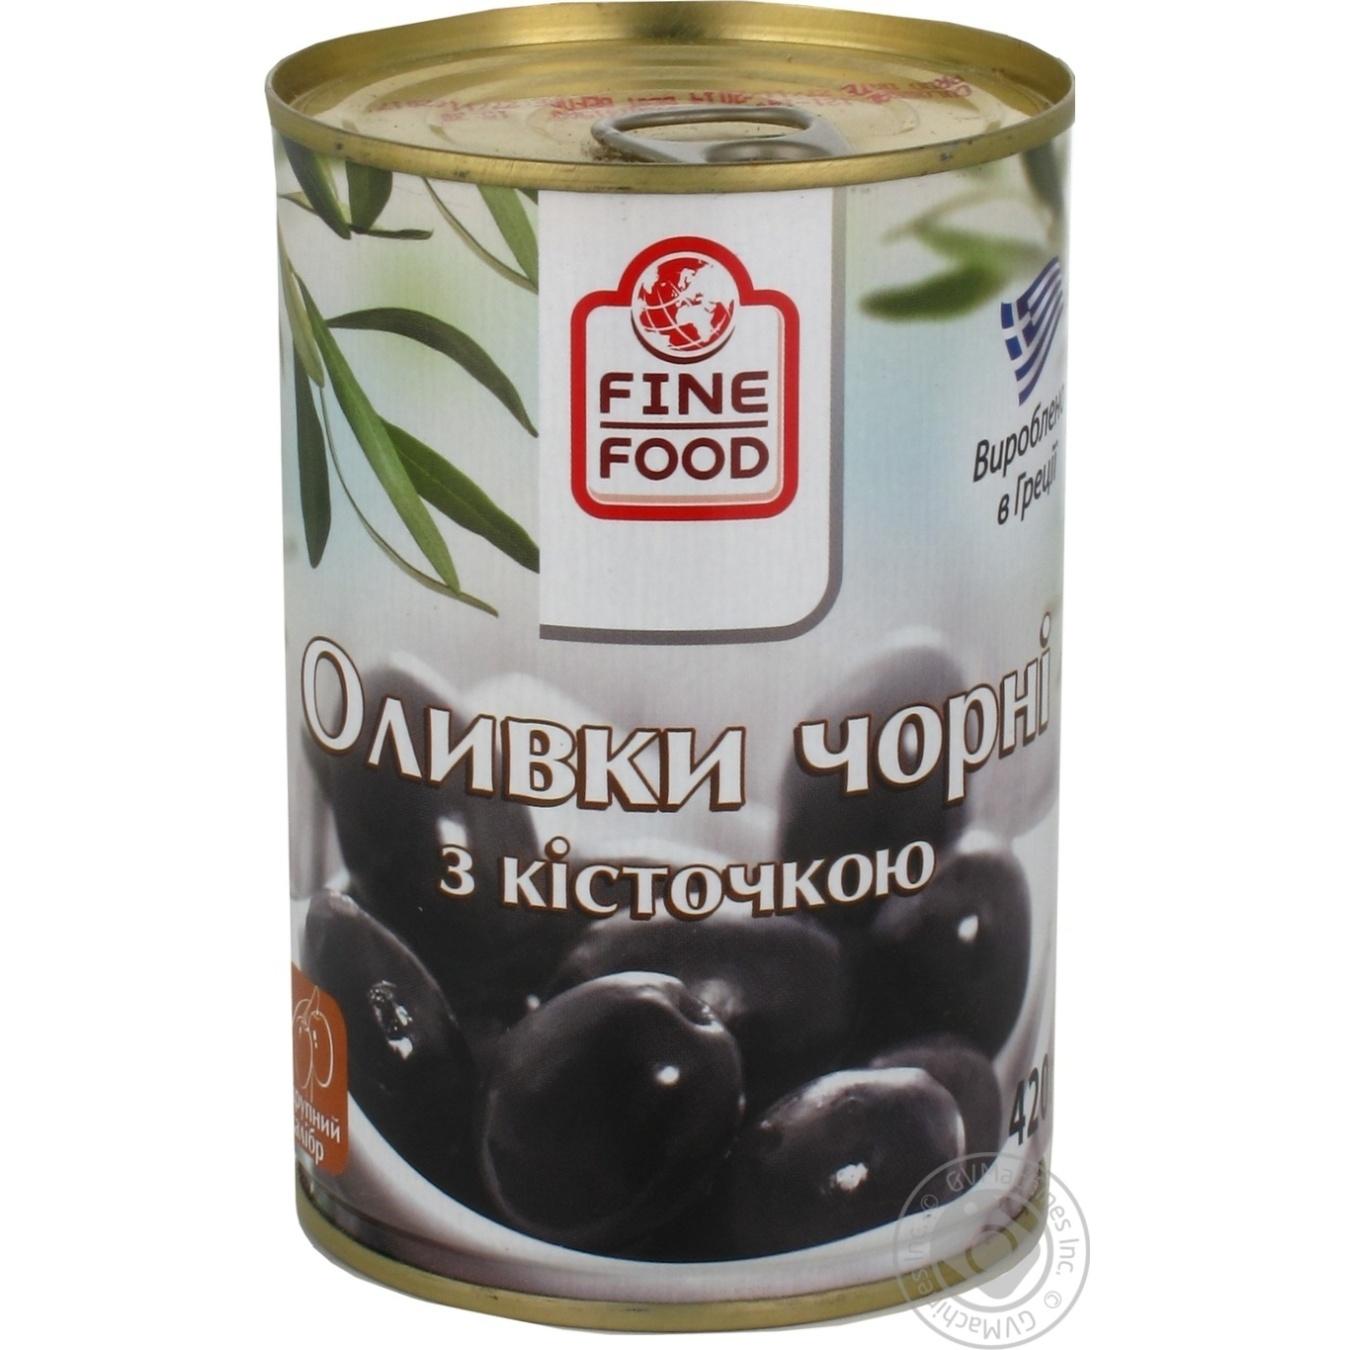 Оливки Файн Фуд черные с косточкой